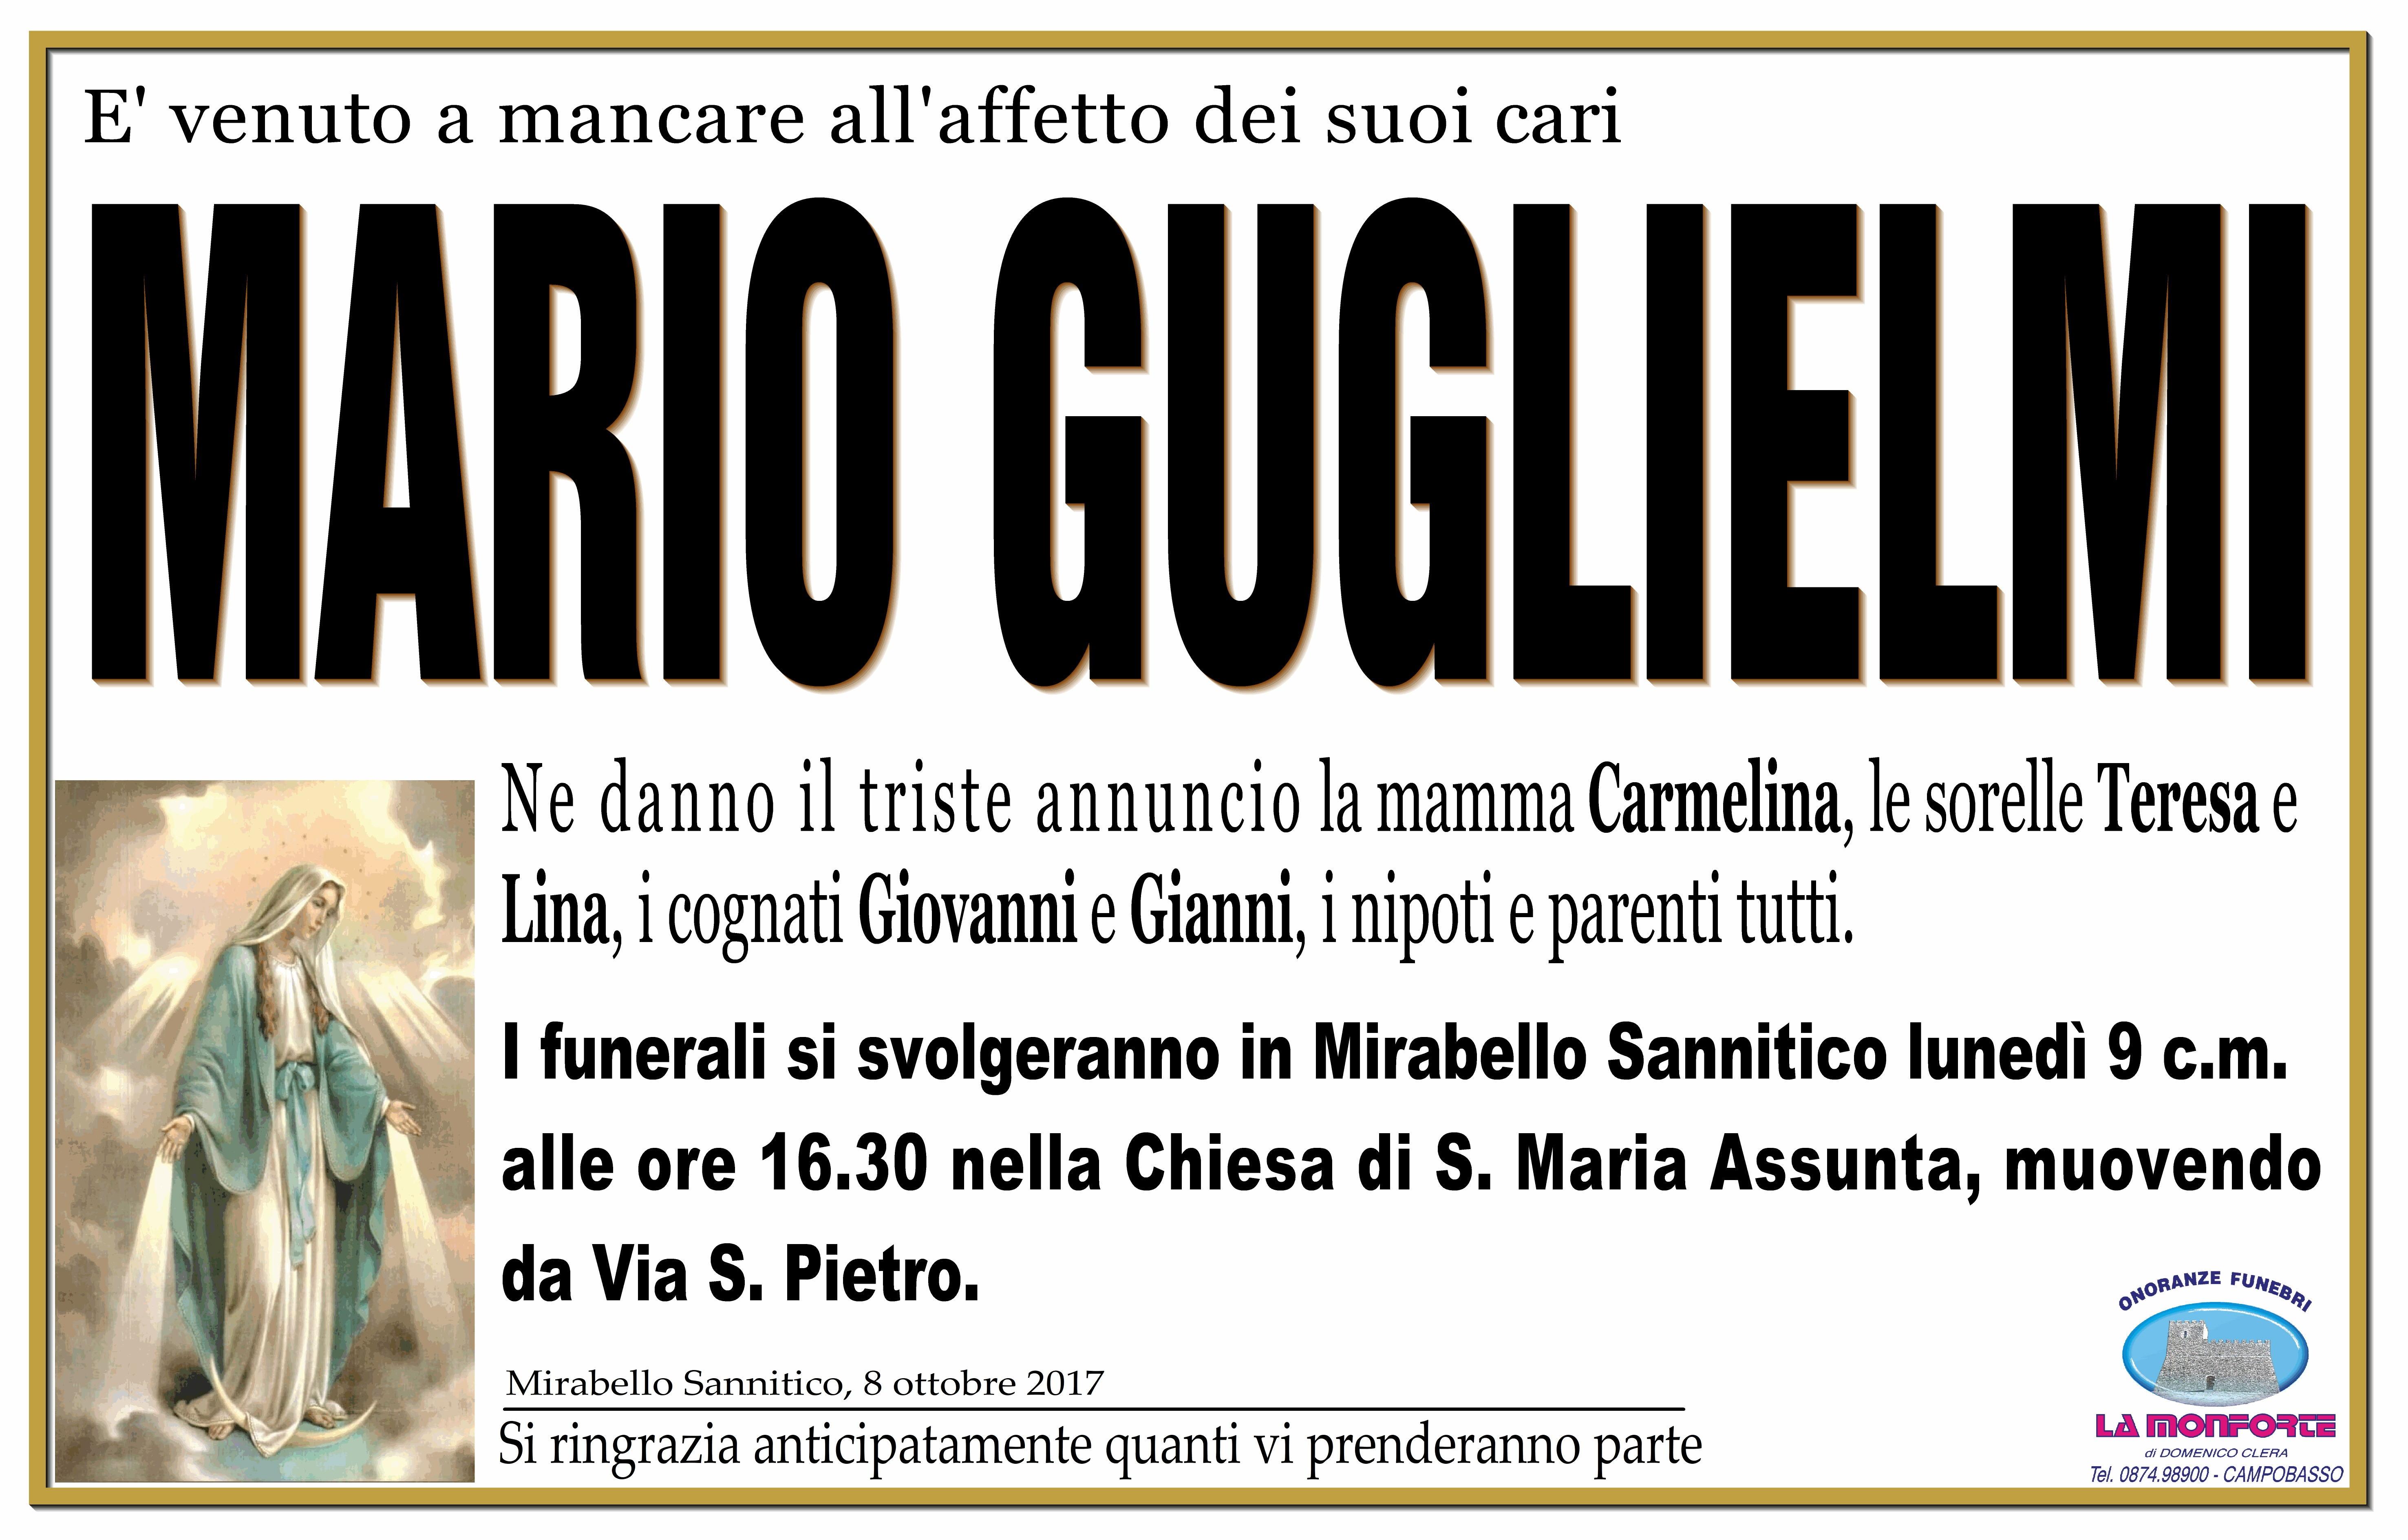 Mario Guglielmi, 8/10/2017, Mirabello Sannitico (CB) – Onoranze Funebri La Monforte